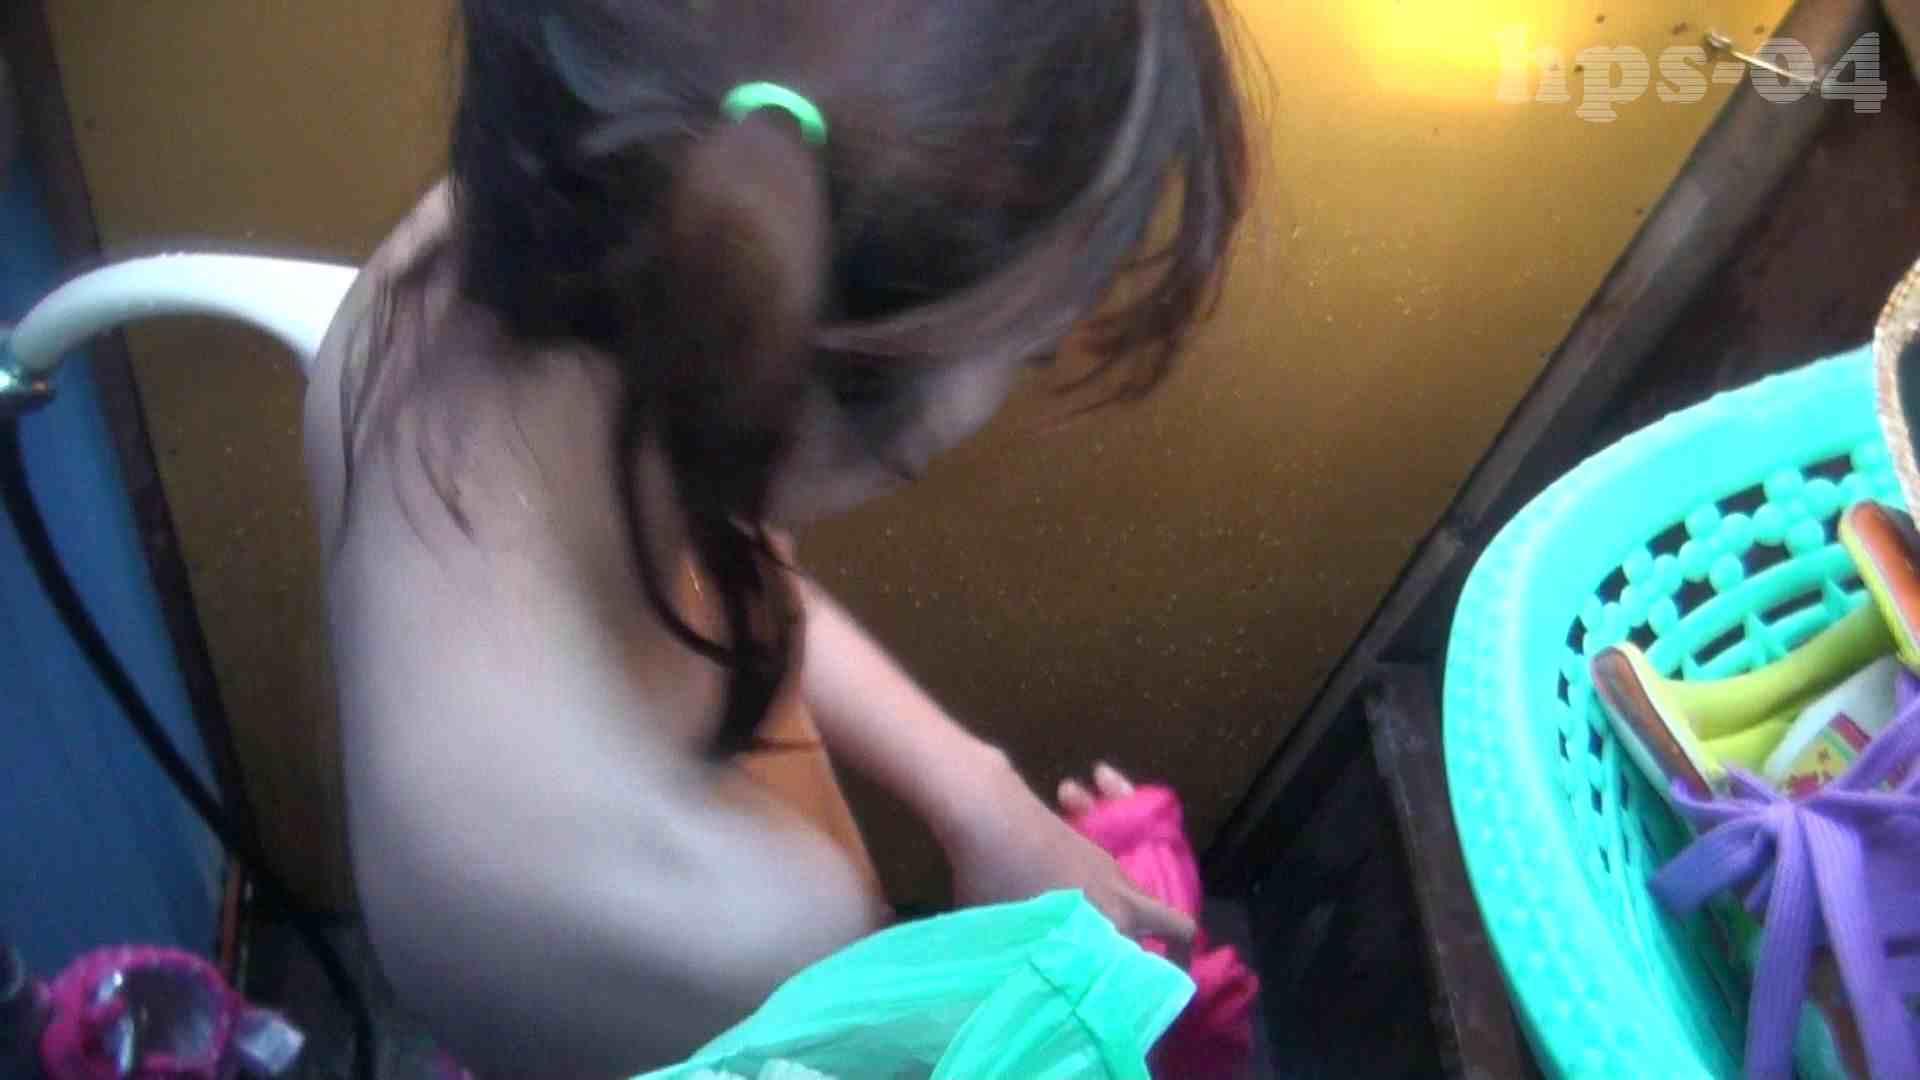 Vol.4 ツインテールとピンクの水着夢見る乙女の貧乳ちゃん OLエロ画像 盗み撮り動画キャプチャ 50PICs 2